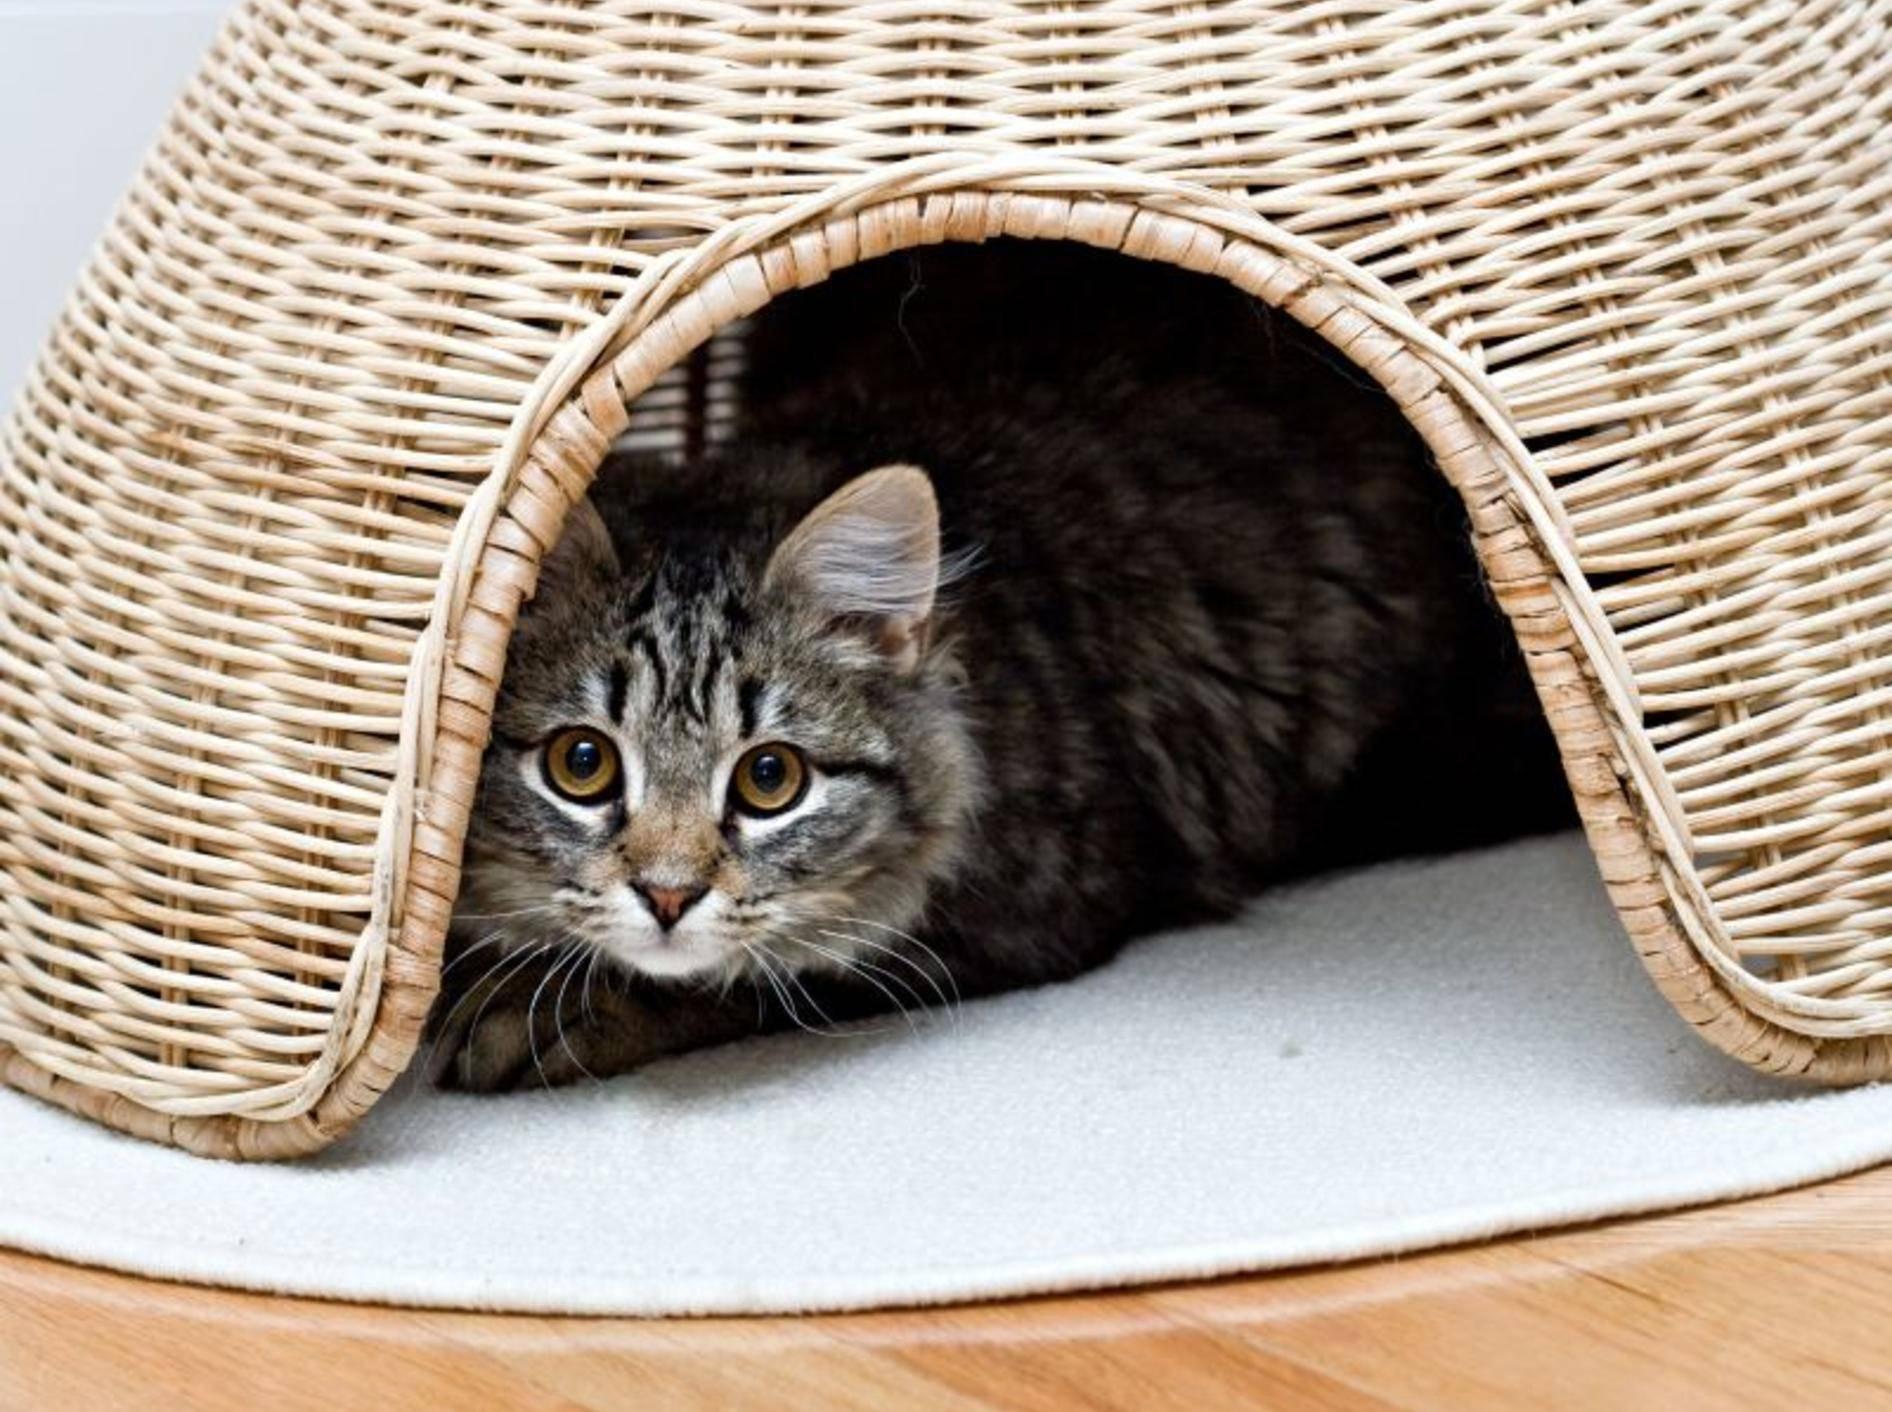 Verstecken macht Spaß: Vier schöne Katzenhöhlen – Bild: Shutterstock / Alon Brik